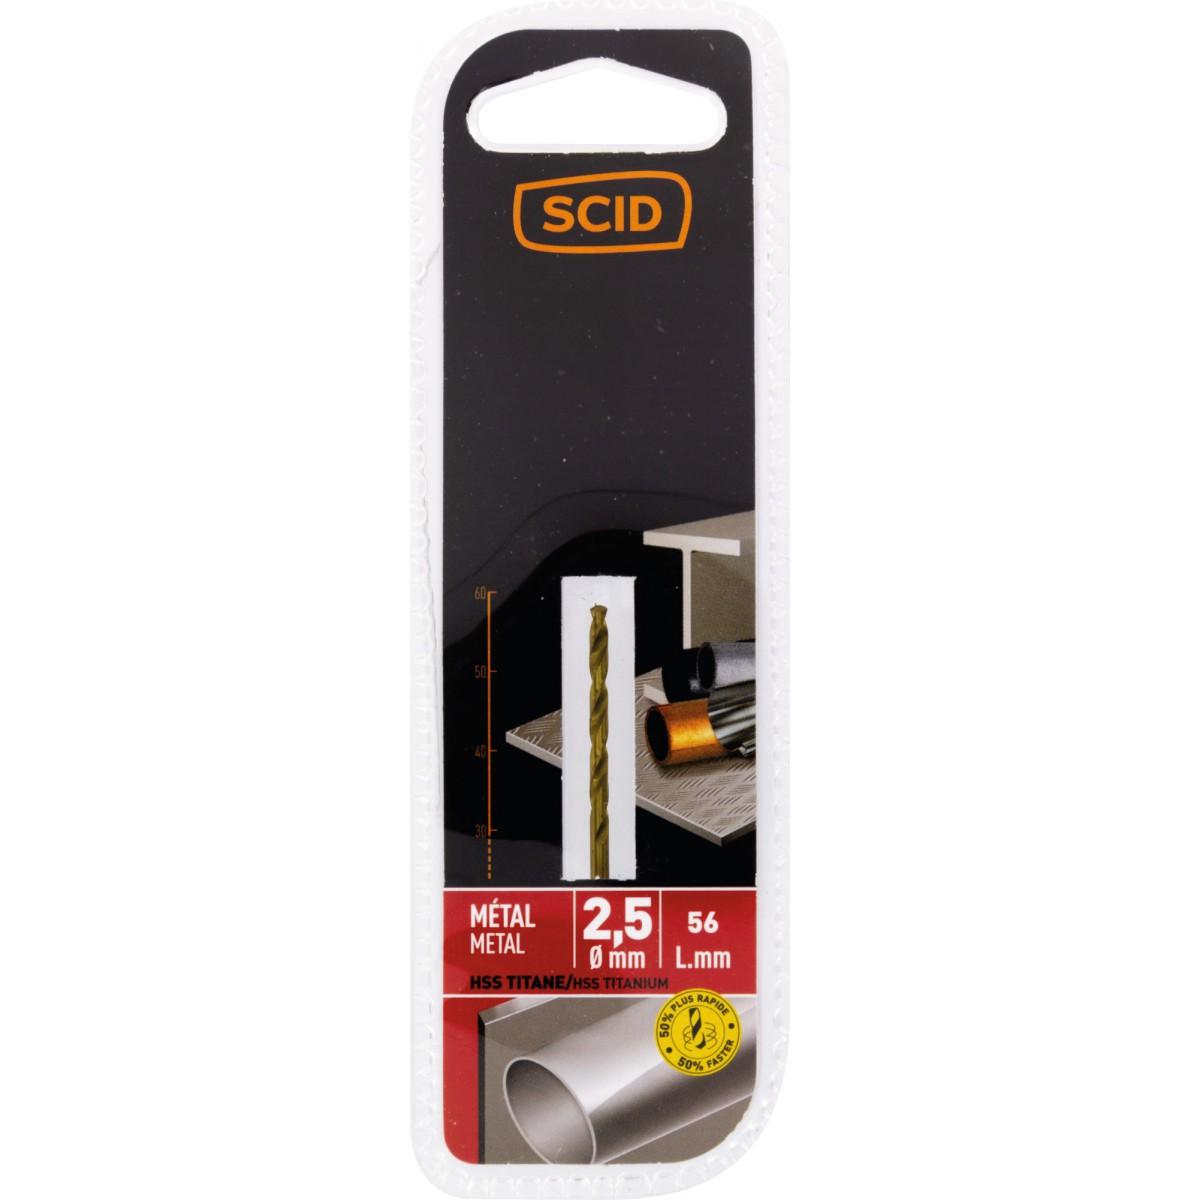 Foret métal HSS titane SCID - Longueur 56 mm - Diamètre 2,5 mm